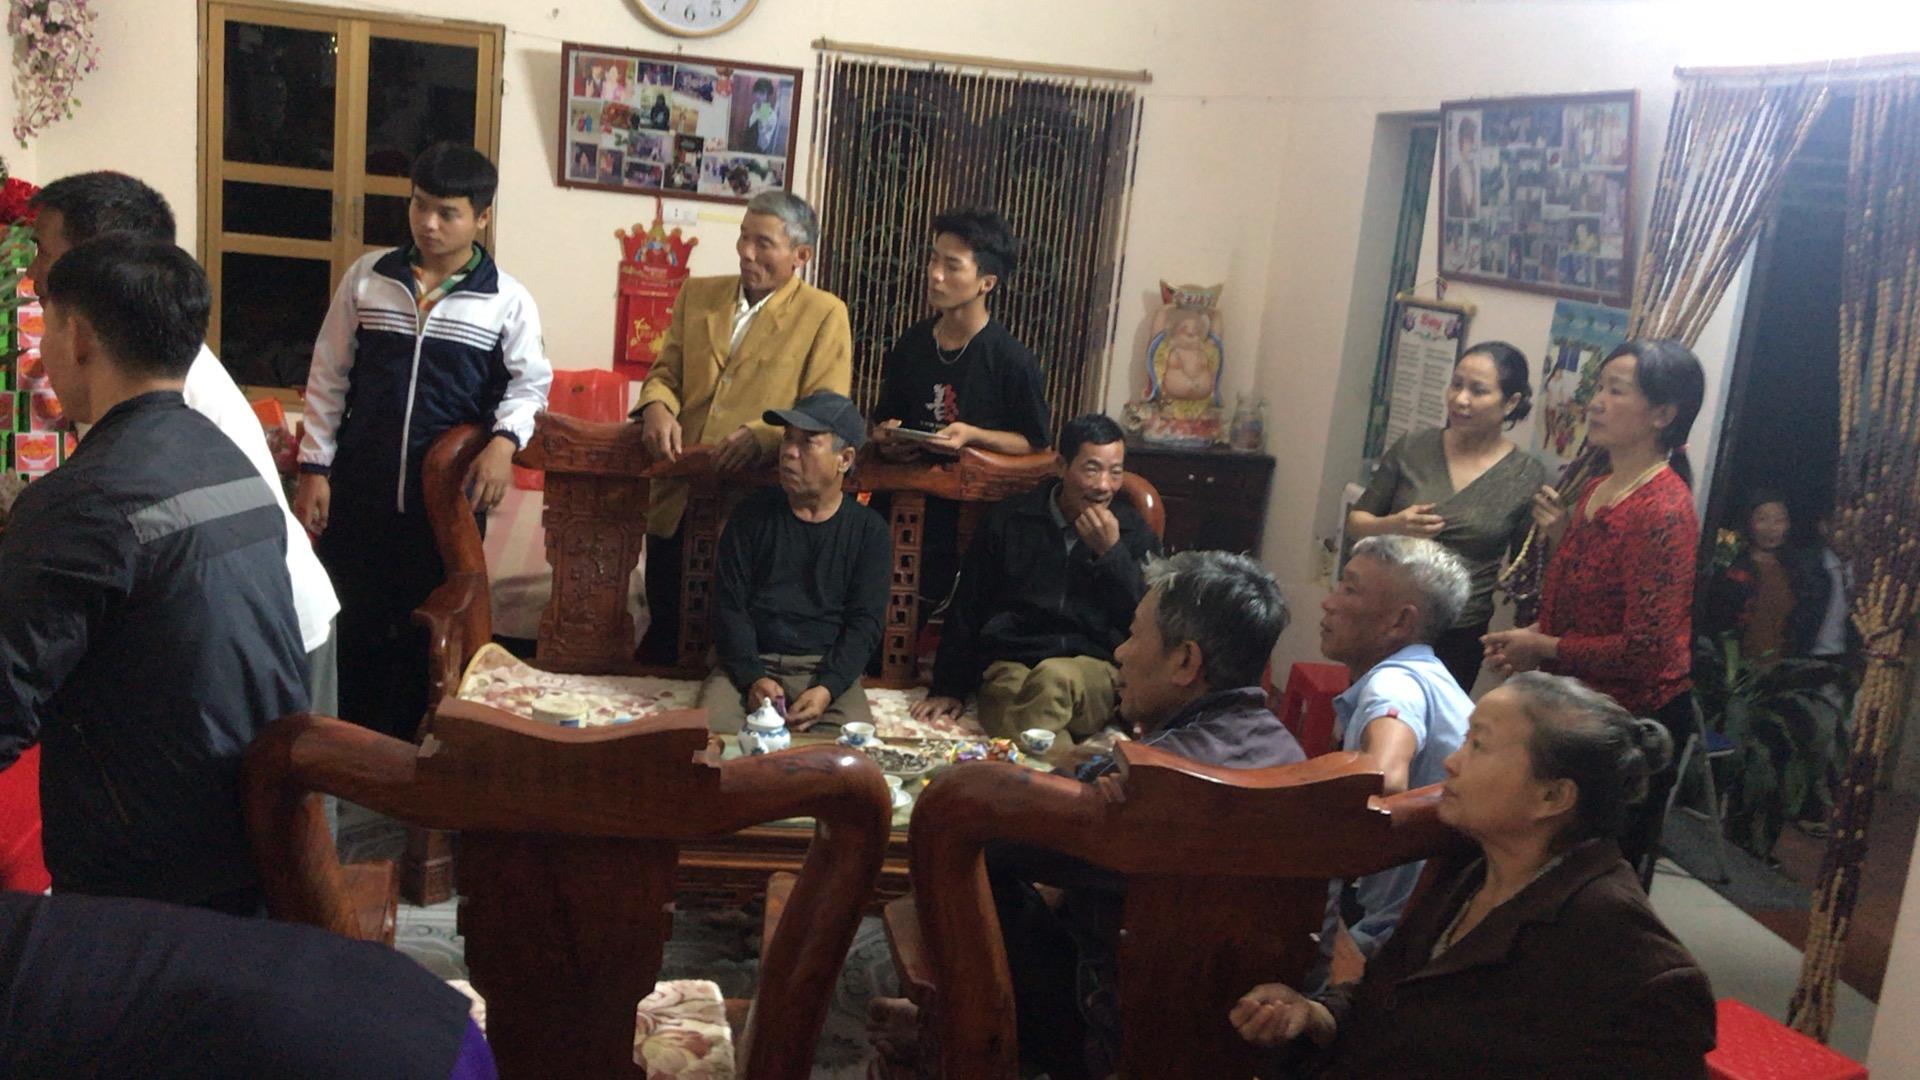 ベトナム 国際結婚 準備